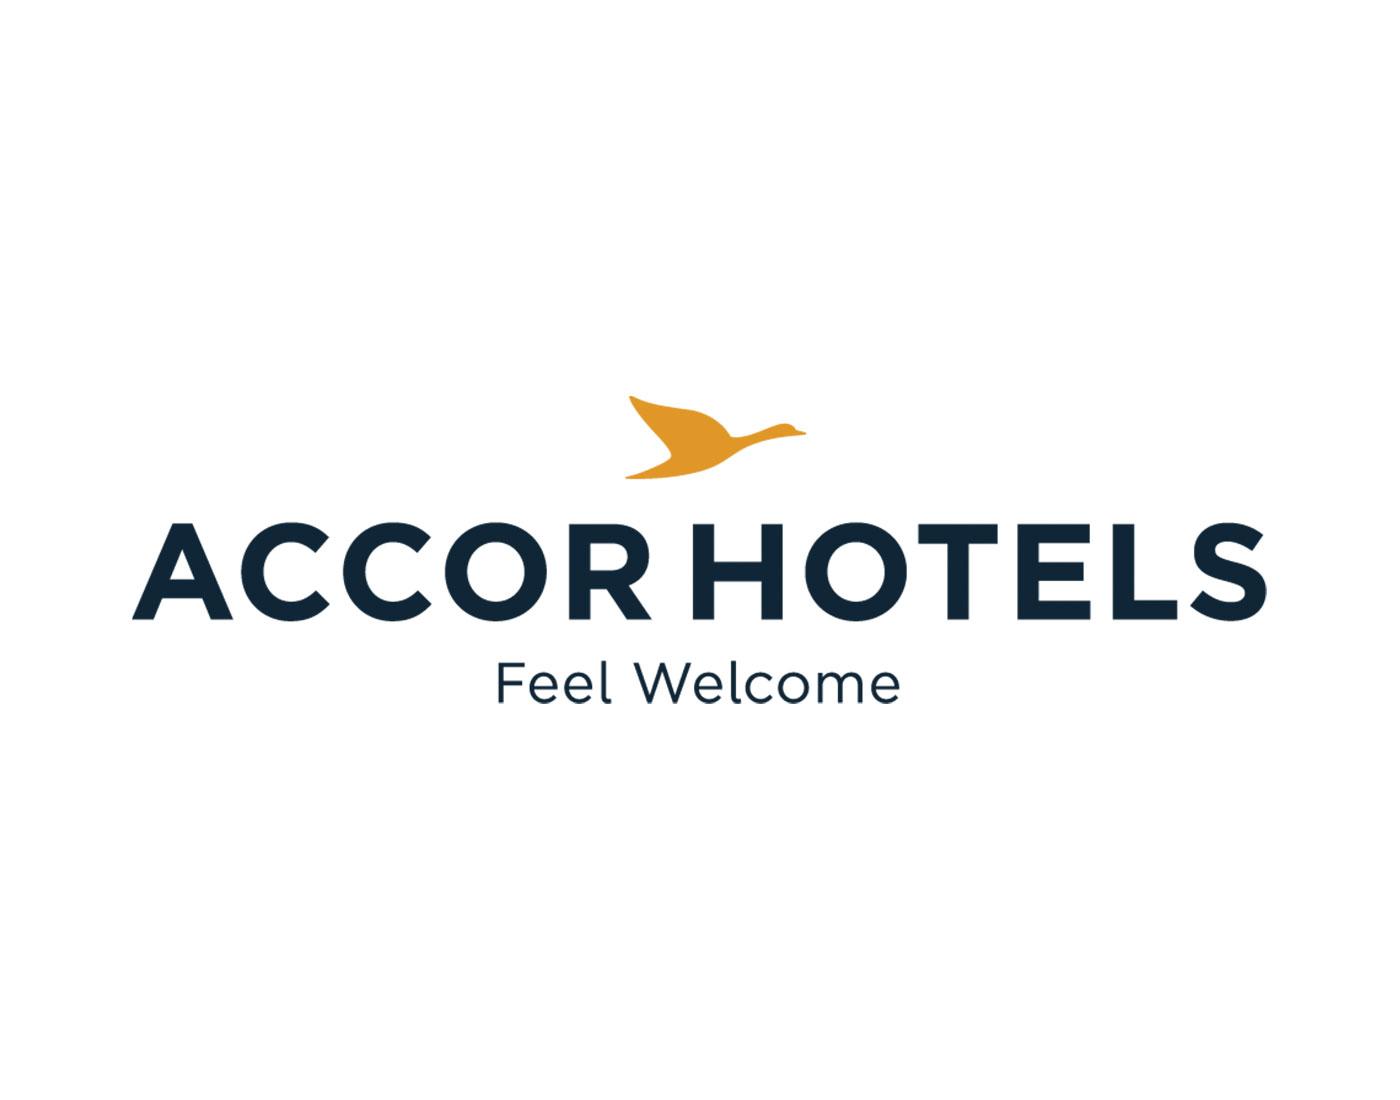 accorhotels.jpg